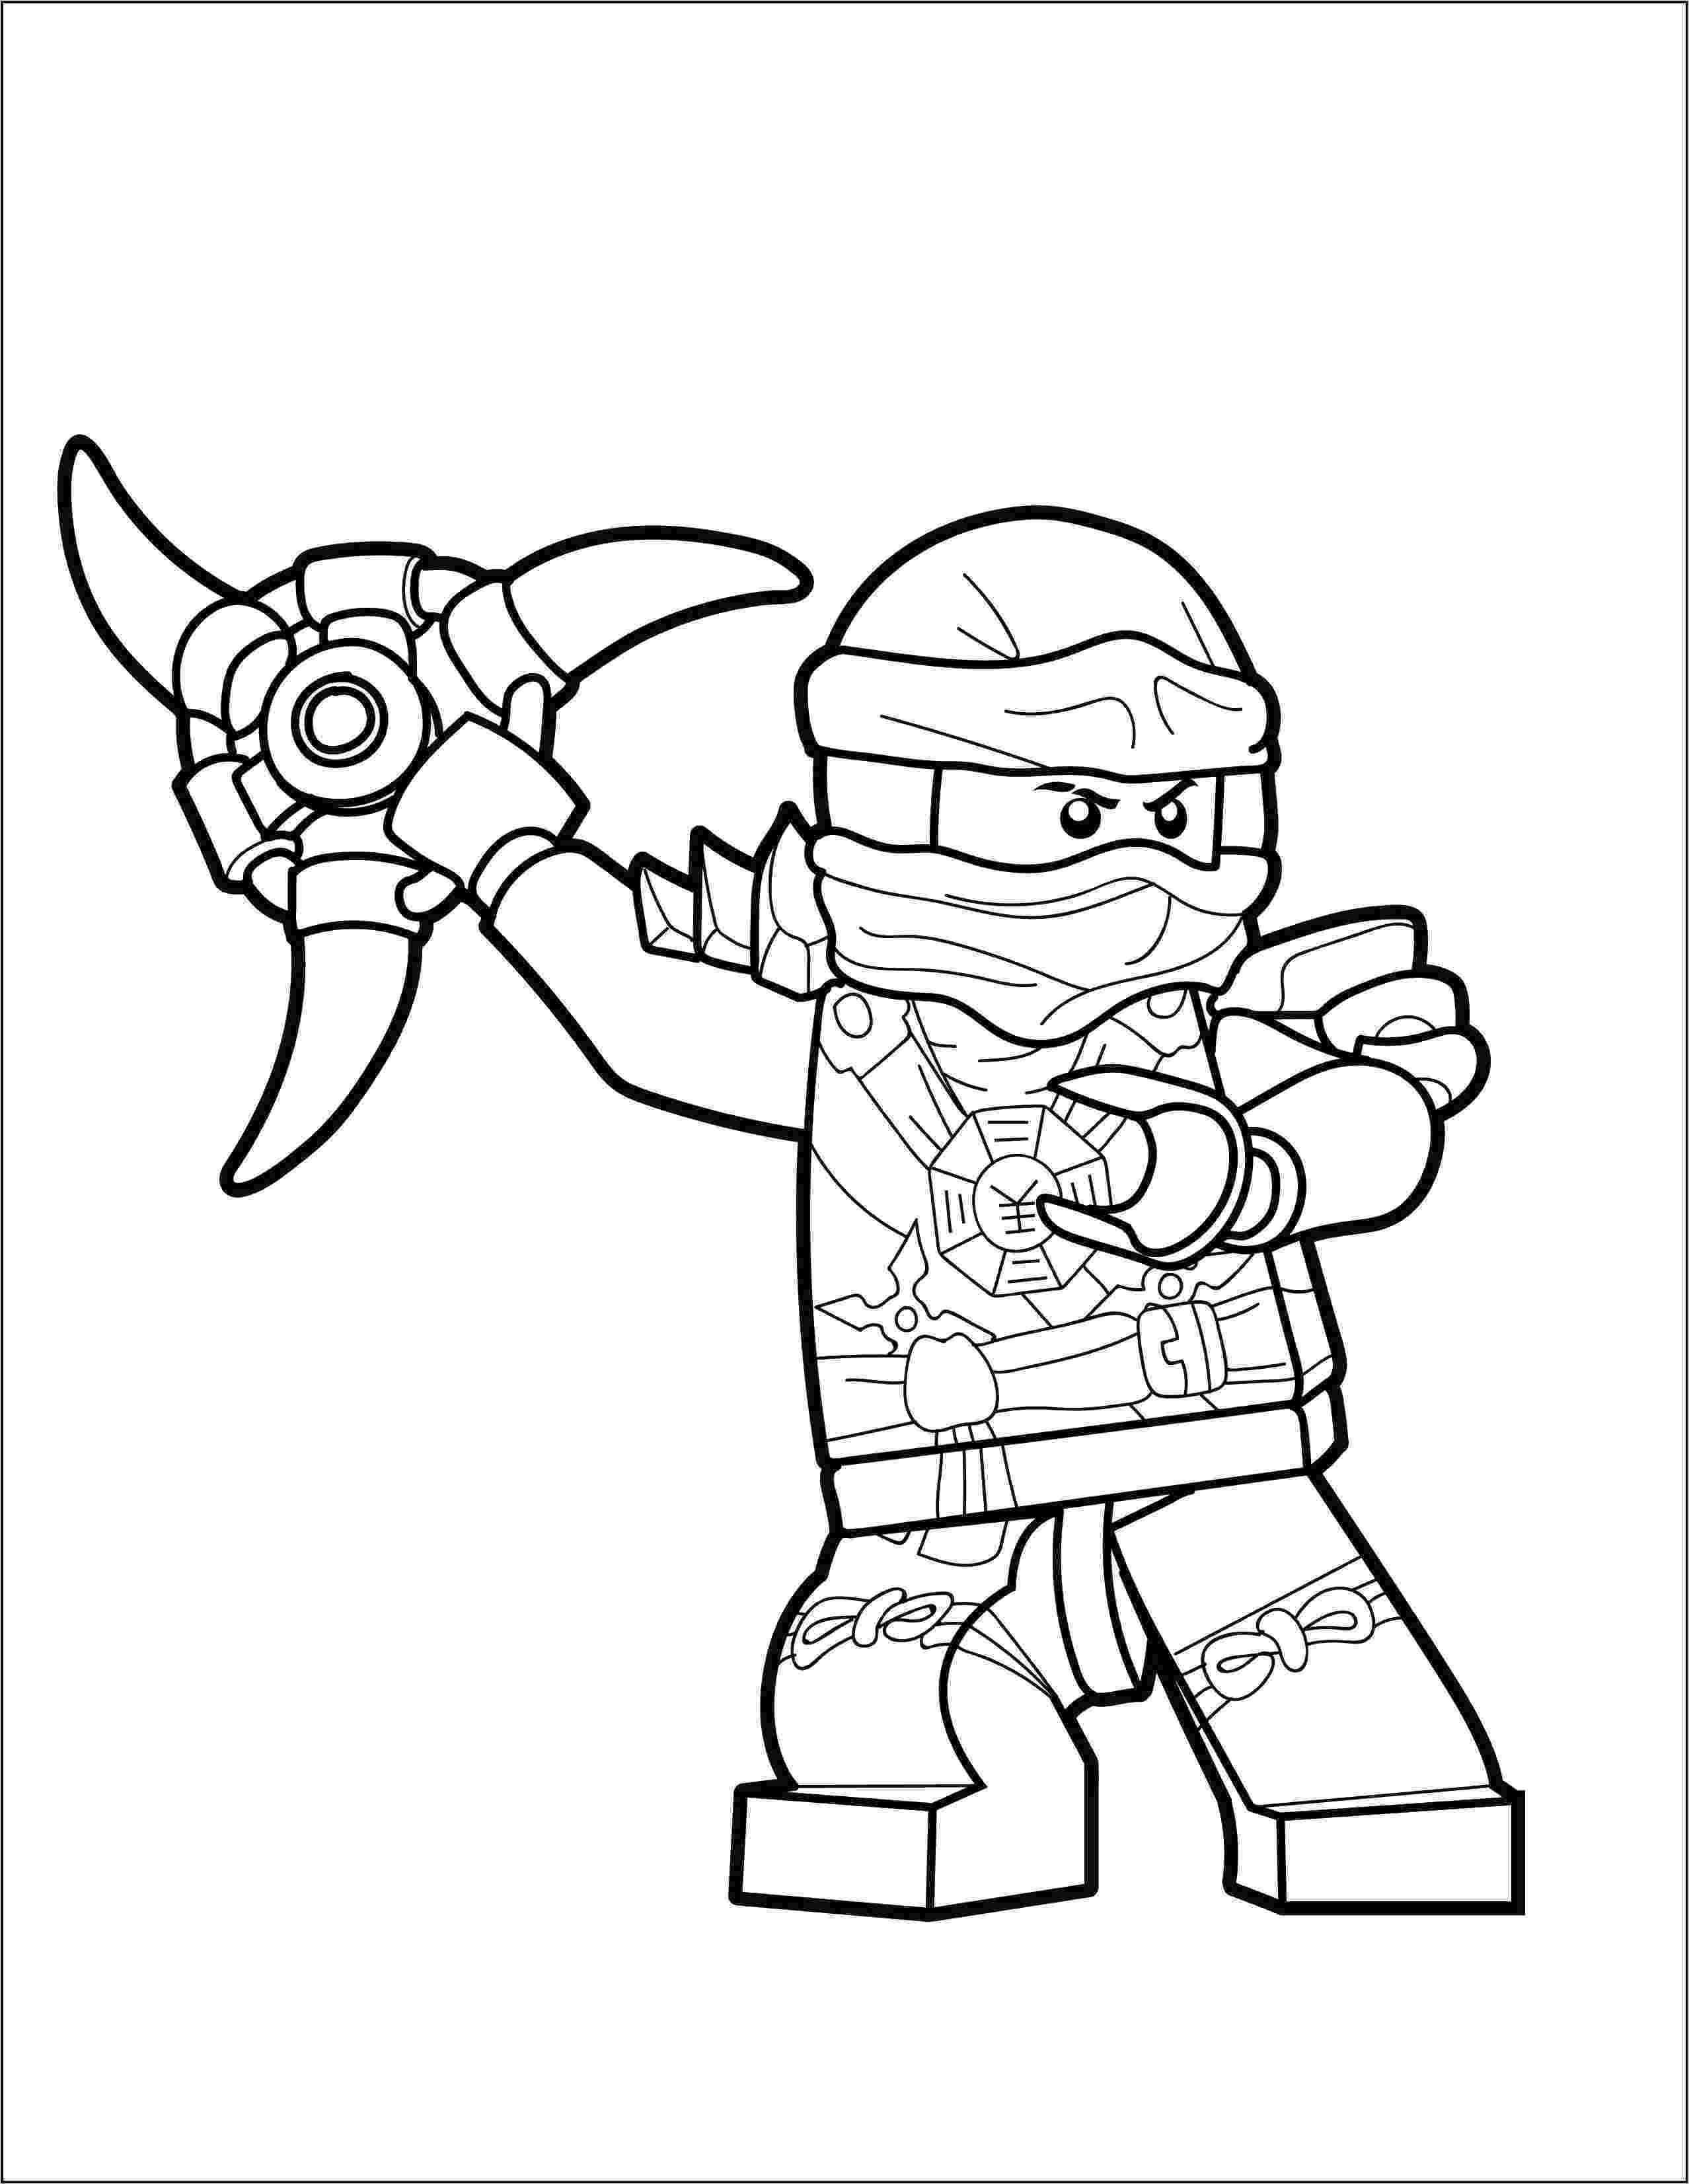 ninjago coloring lego ninjago coloring page jay the brick show coloring ninjago